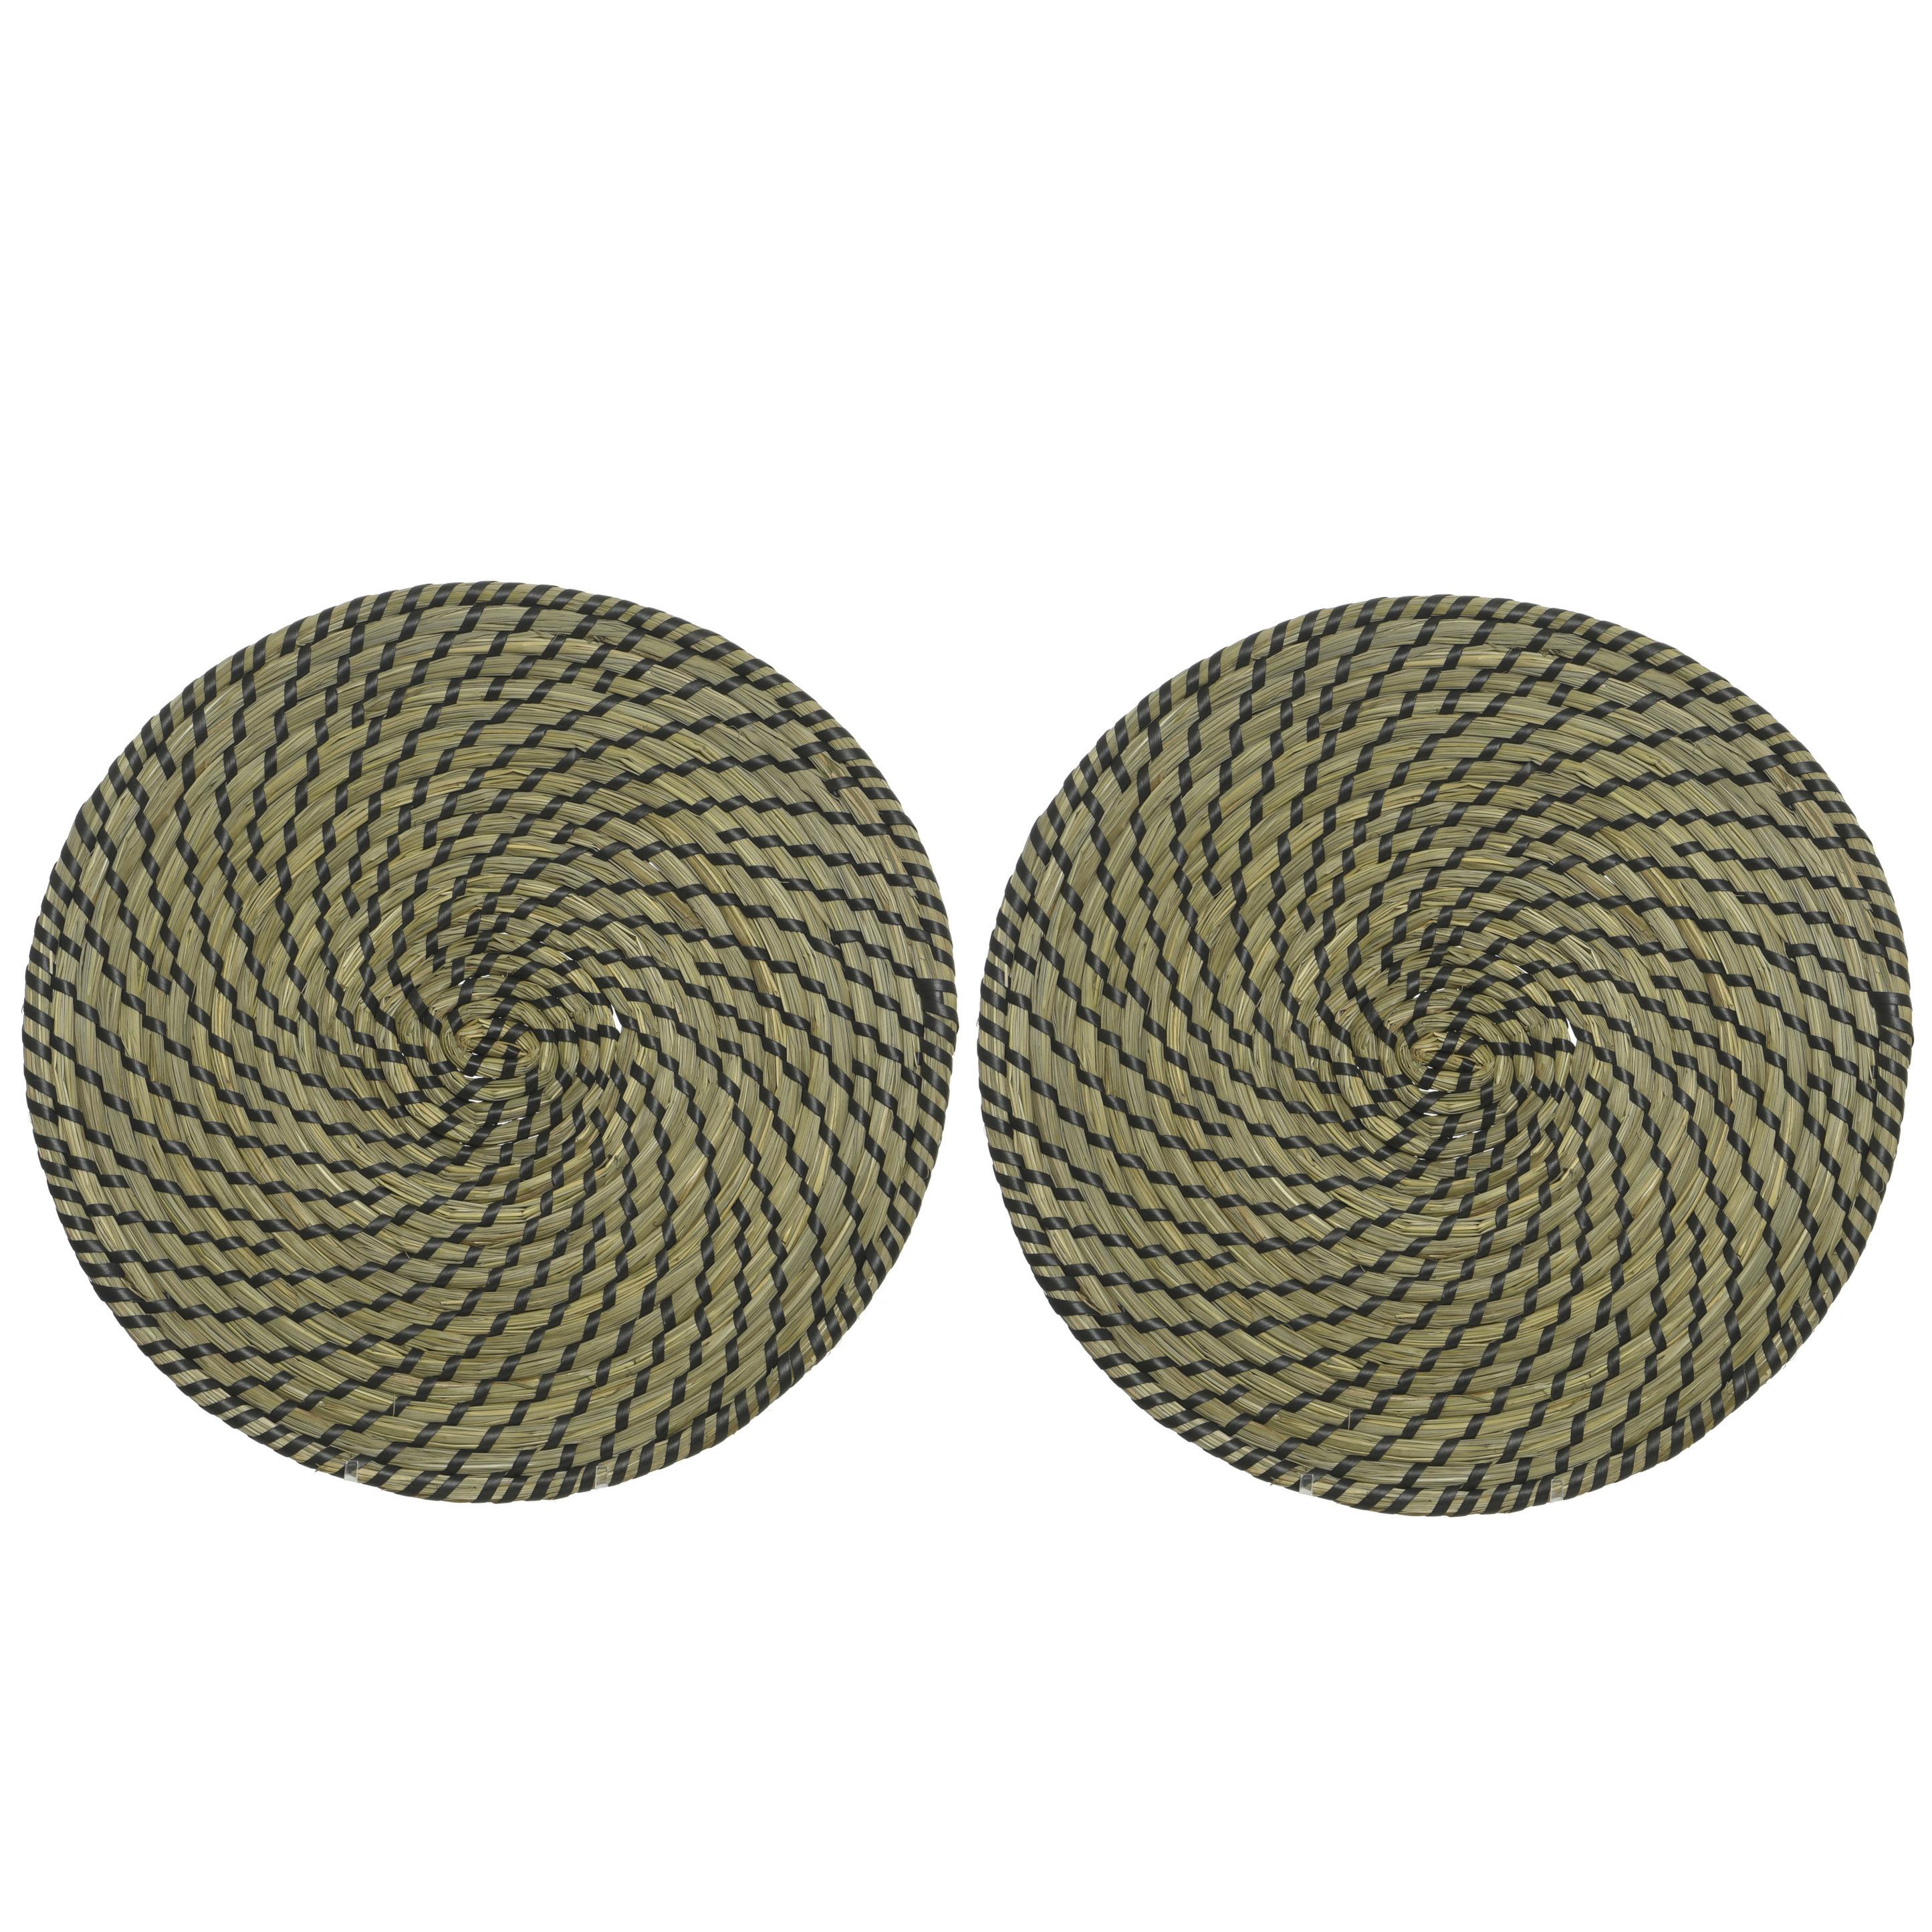 4x stuks placemats rond groen/zwart zeegras 38 cm -